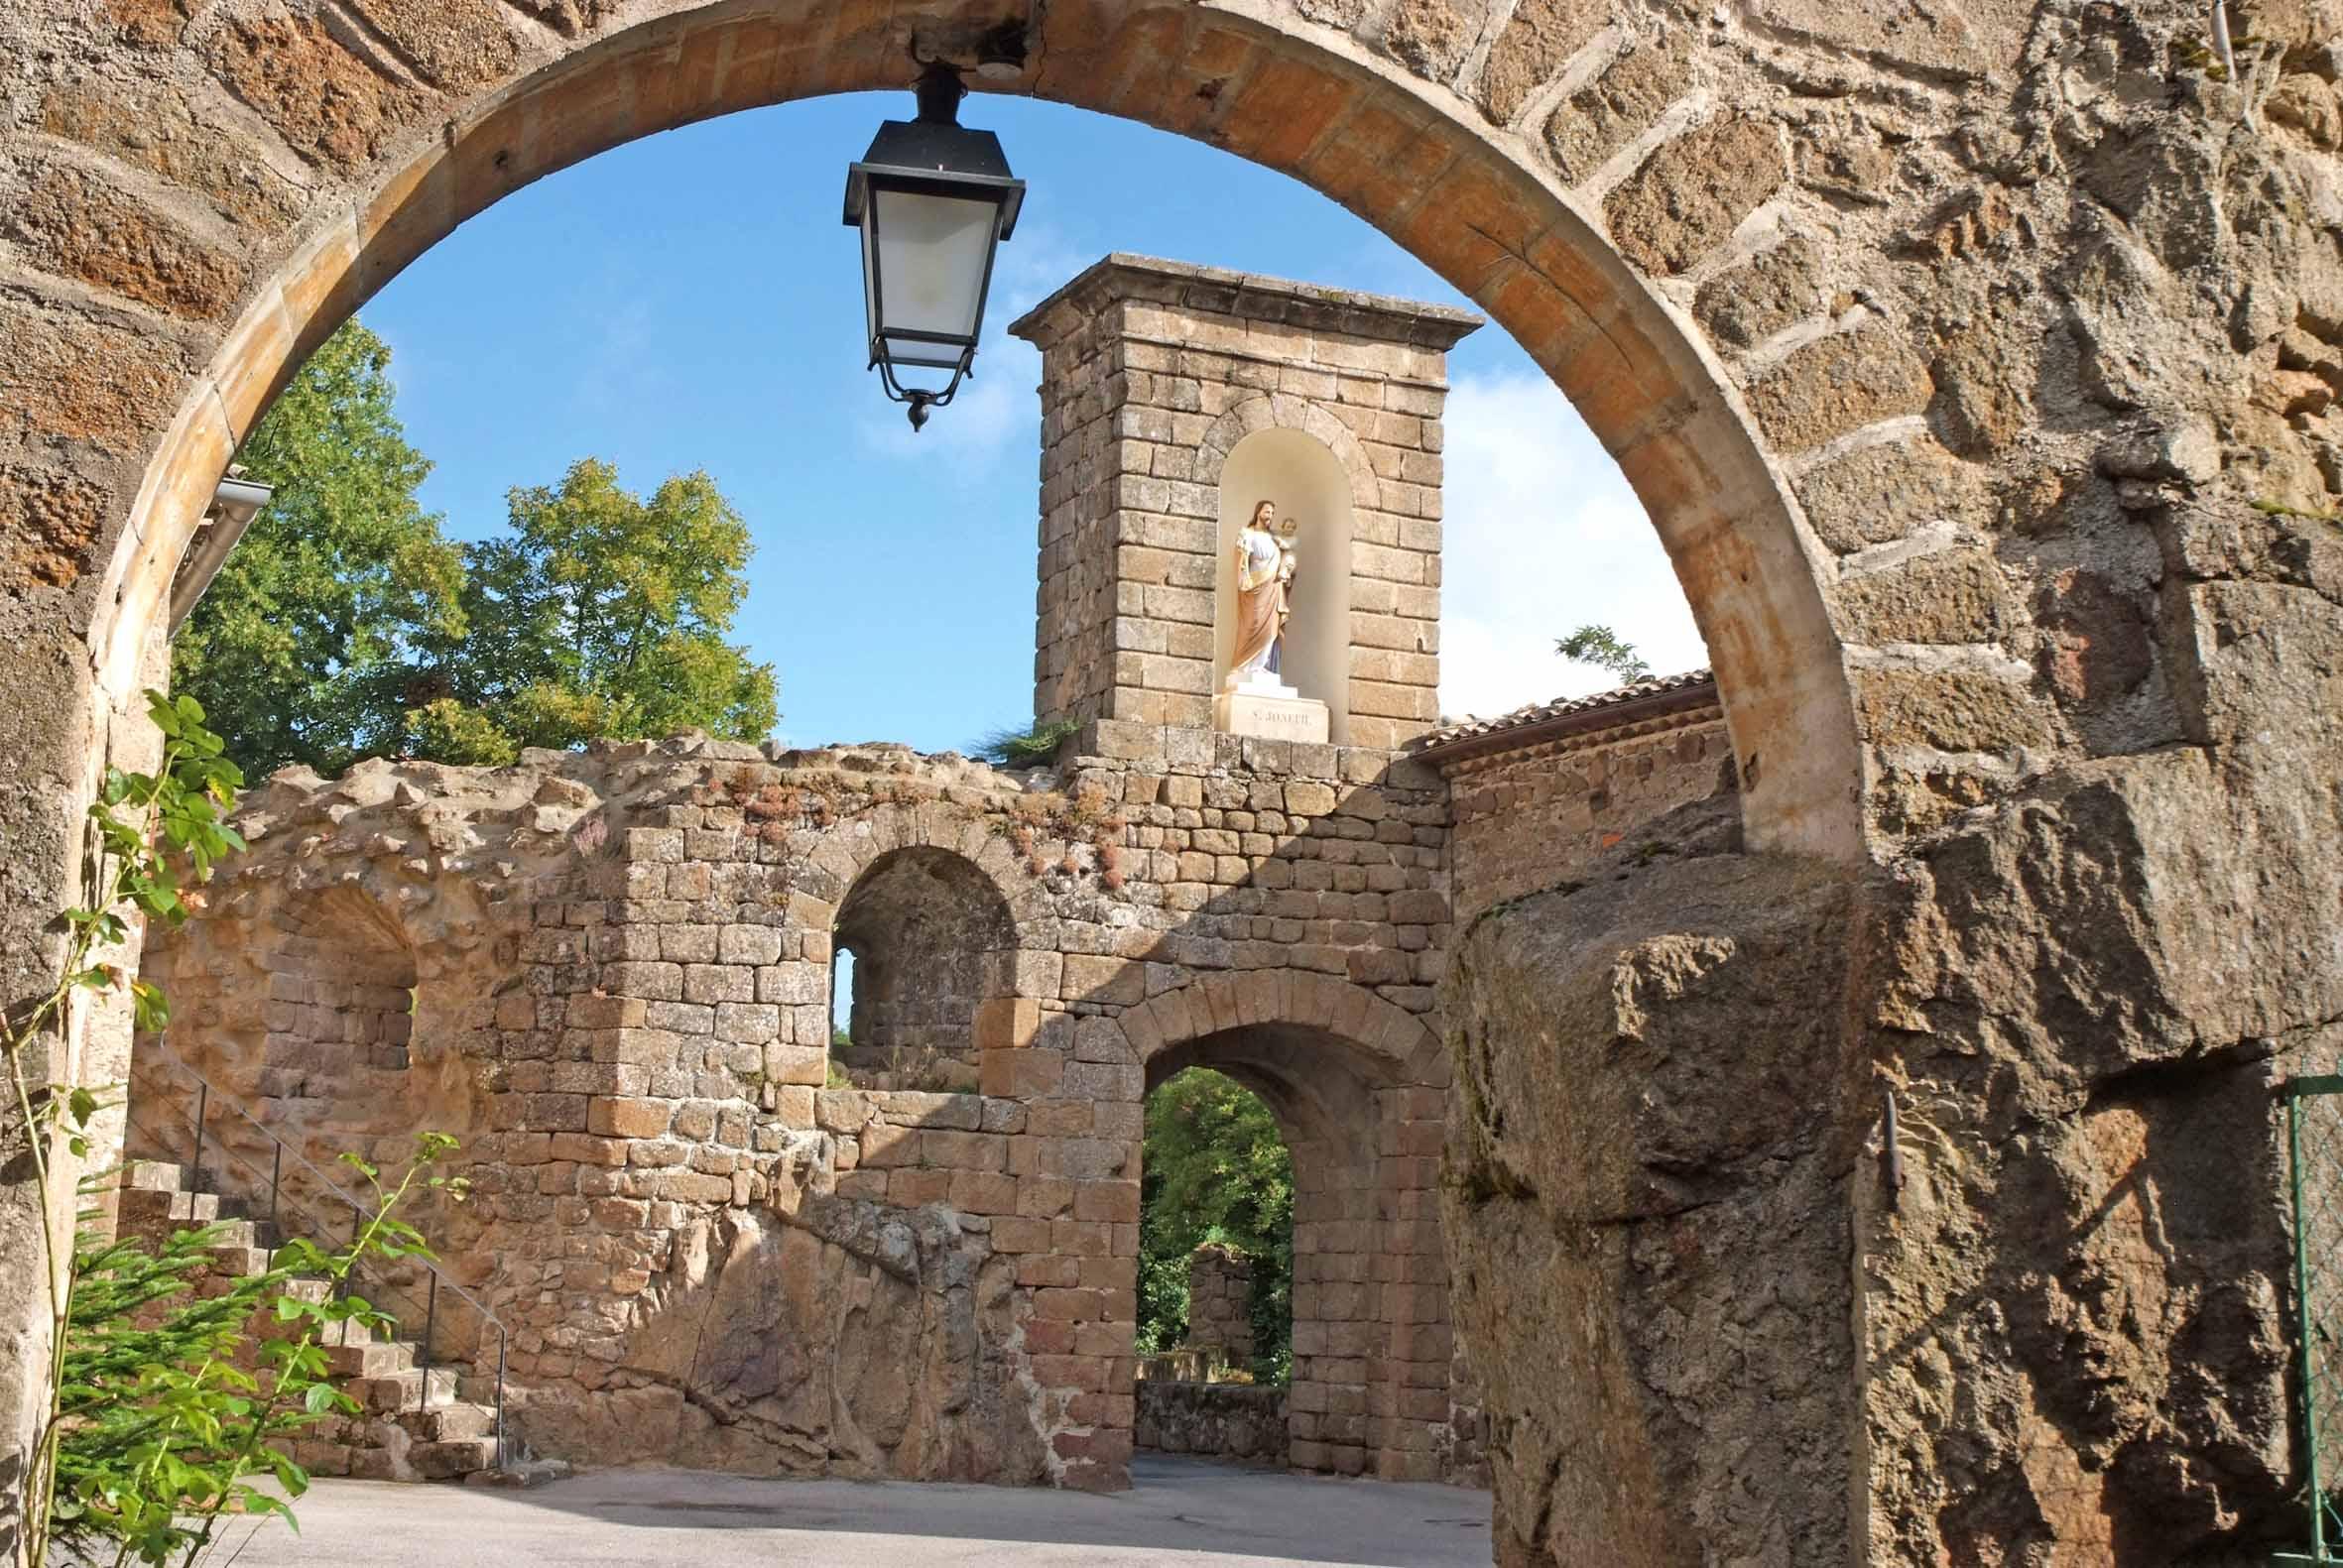 Le château dAy (Saint-Romain-dAy,Ardèche), Historic site